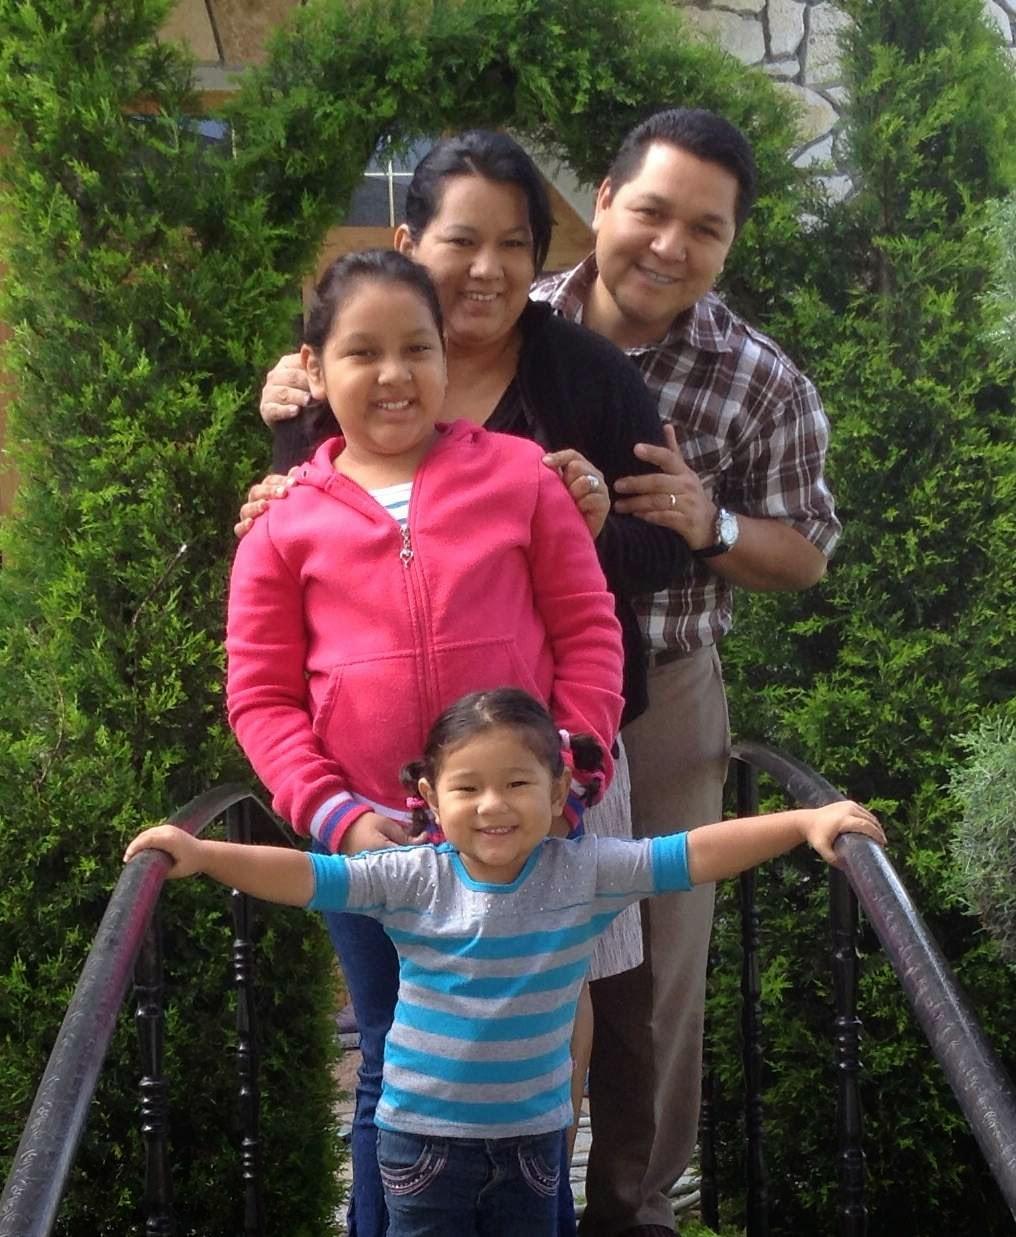 Familia Valladares - MISIONEROS                DMF El Salvador